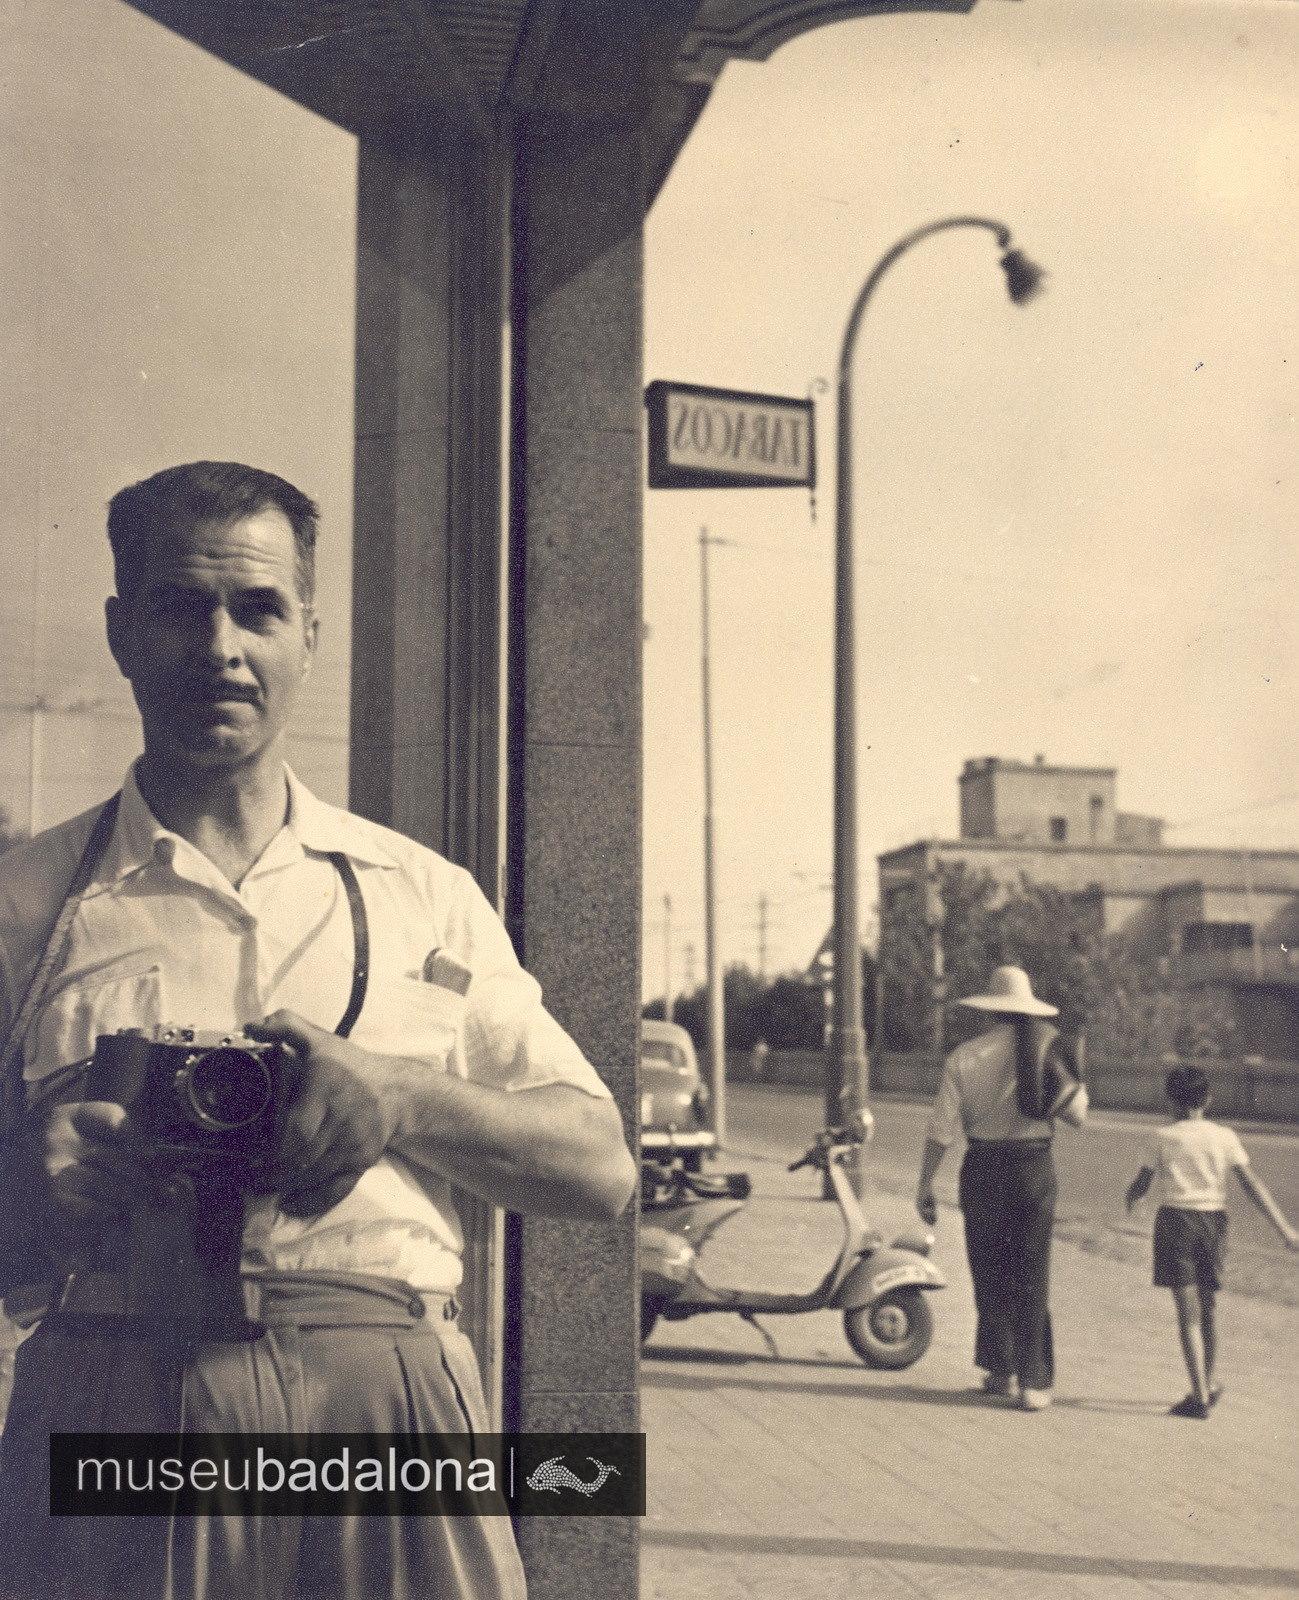 El fotògraf Josep Cortinas Suñol